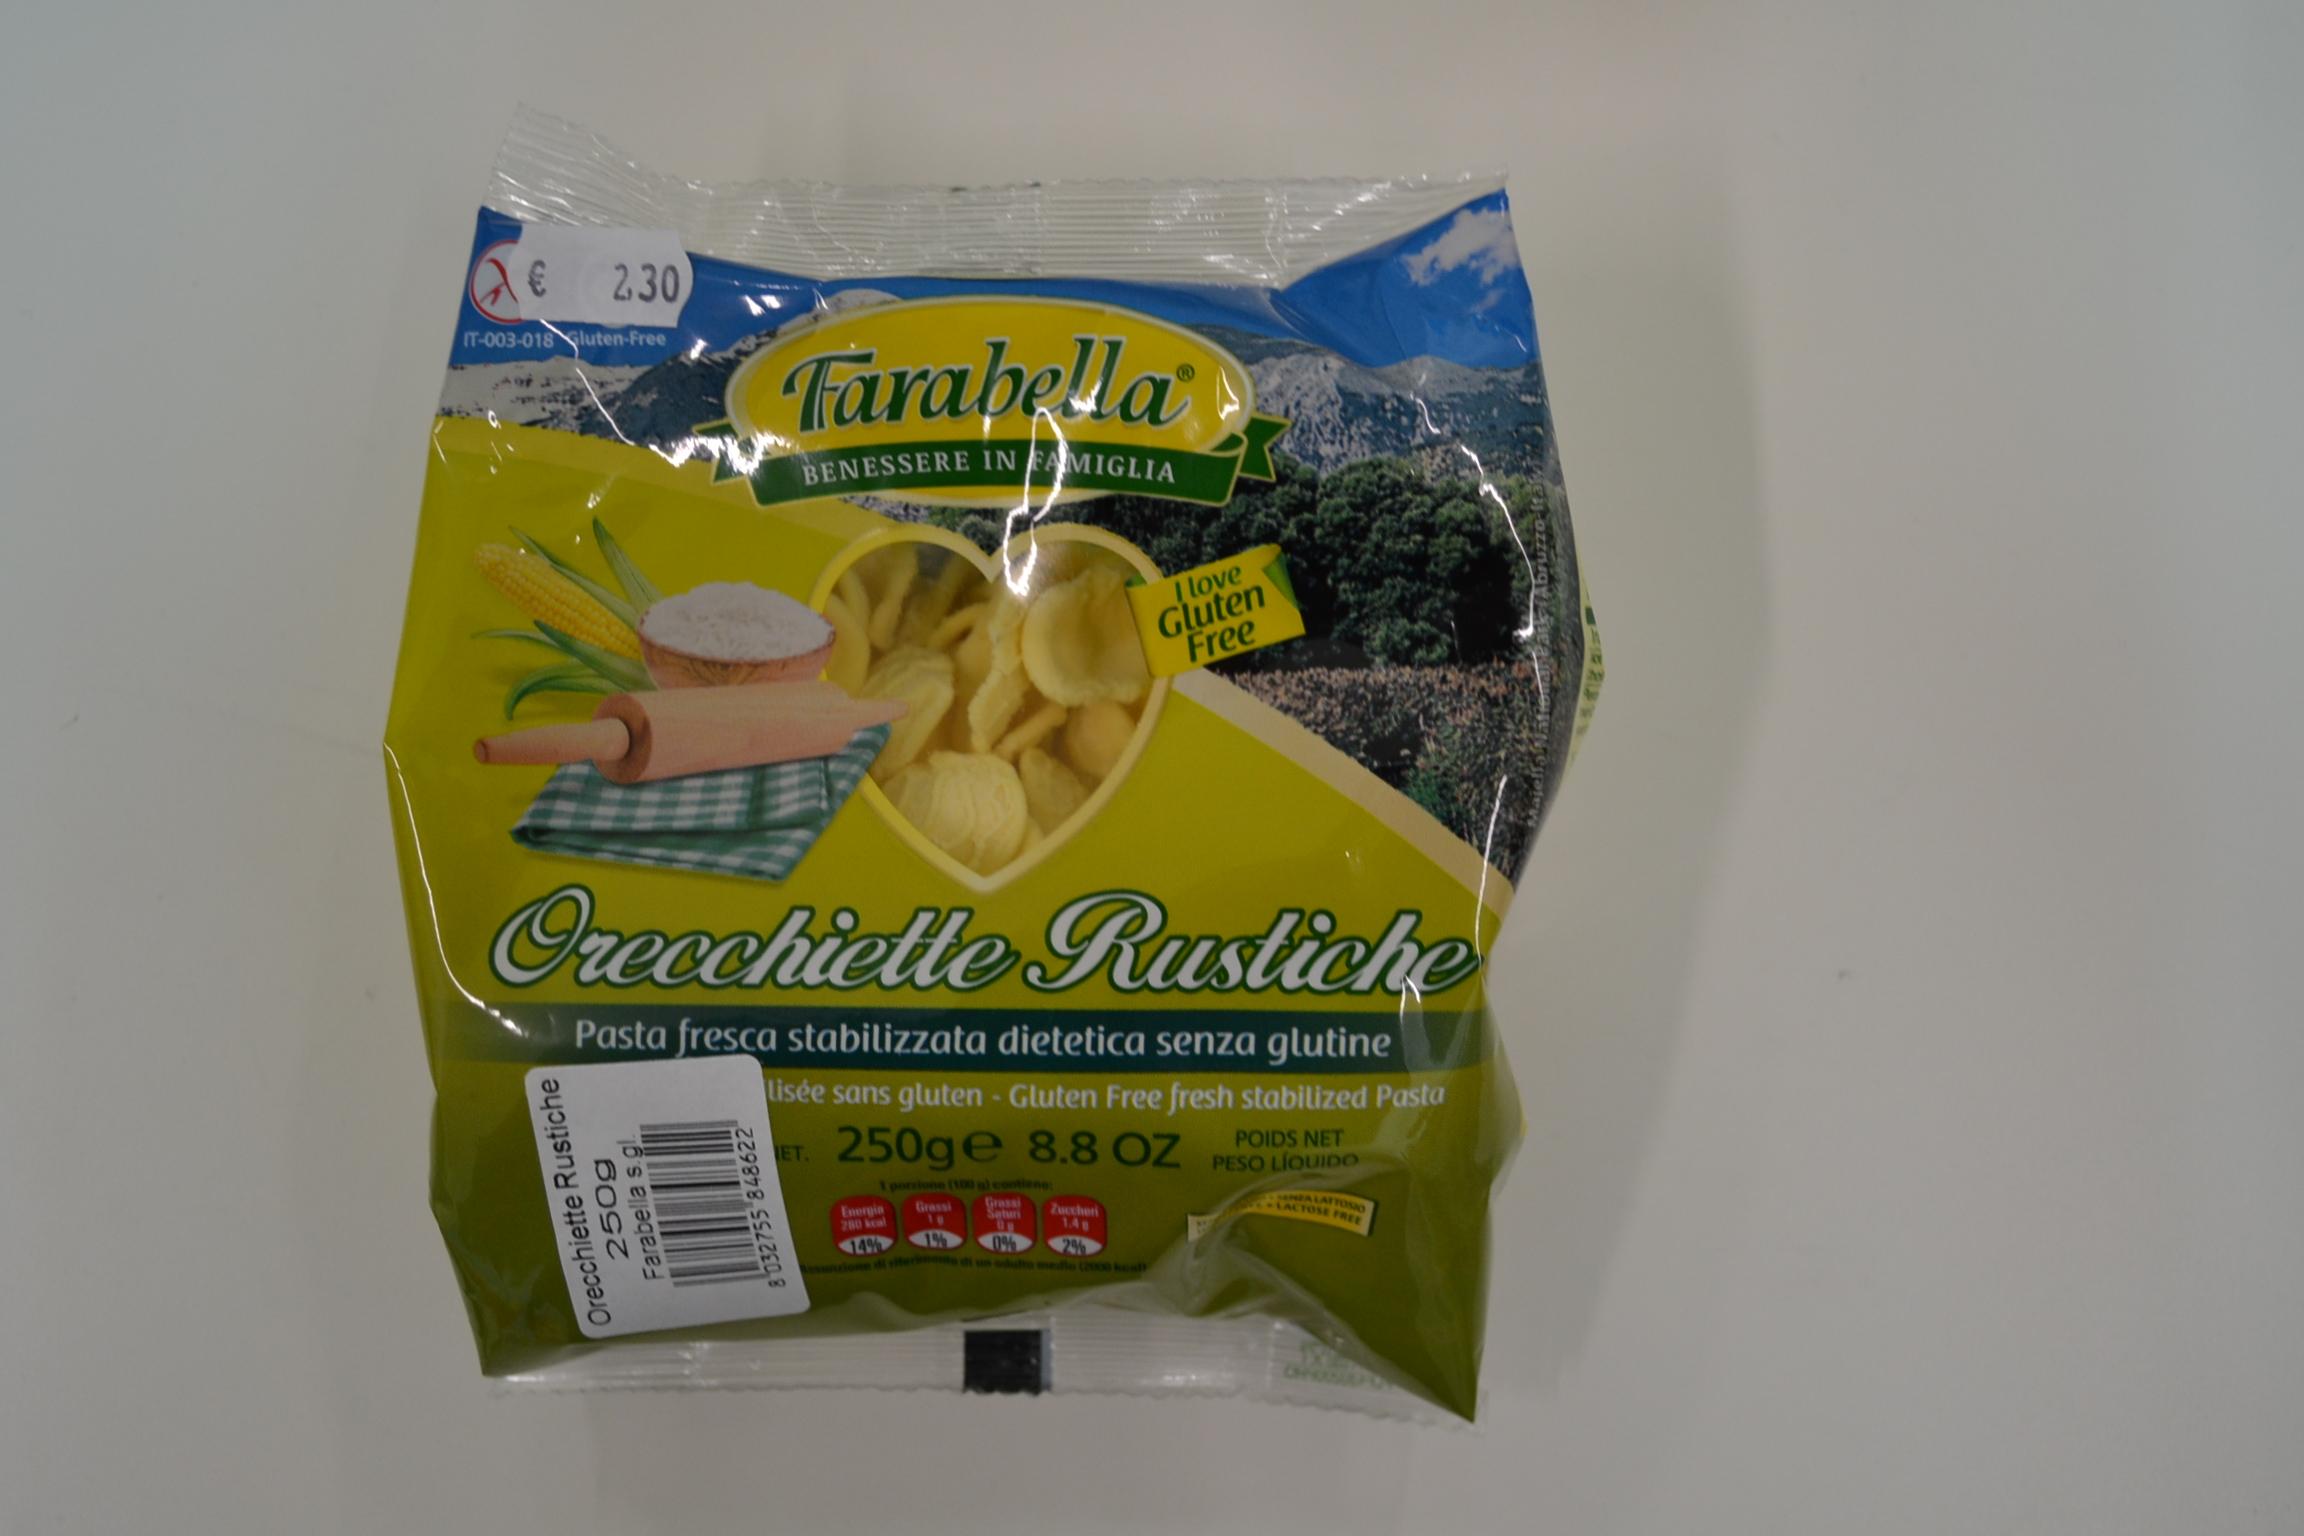 Orecchiette rustiche FARABELLA € 2,30